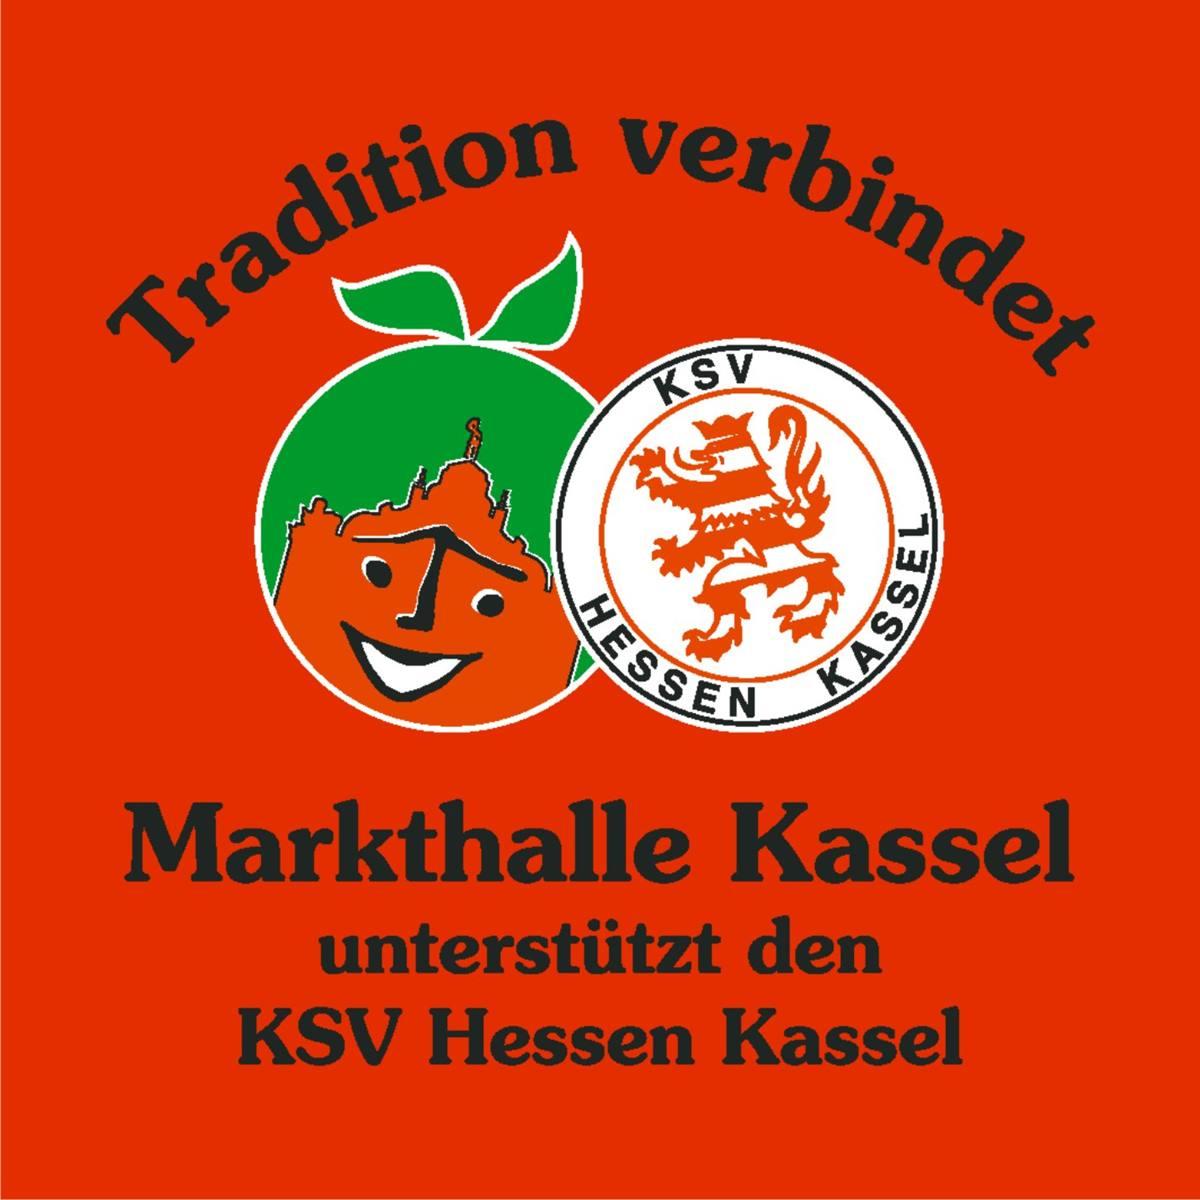 Die Markthalle Kassel unterstützt den KSV